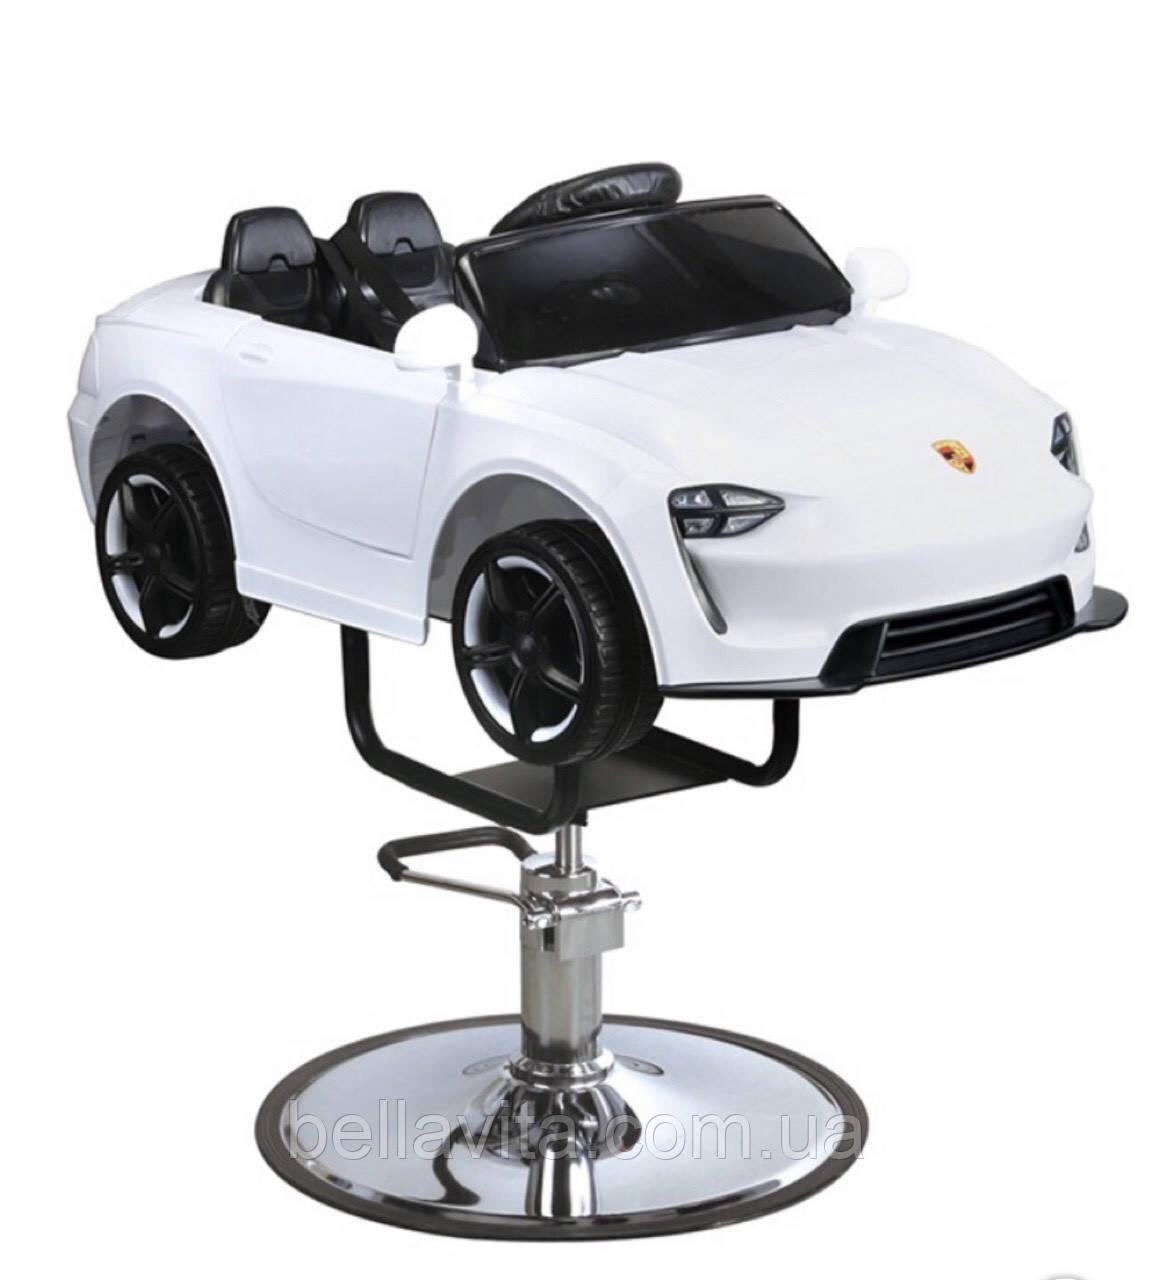 Дитяче крісло Машинка